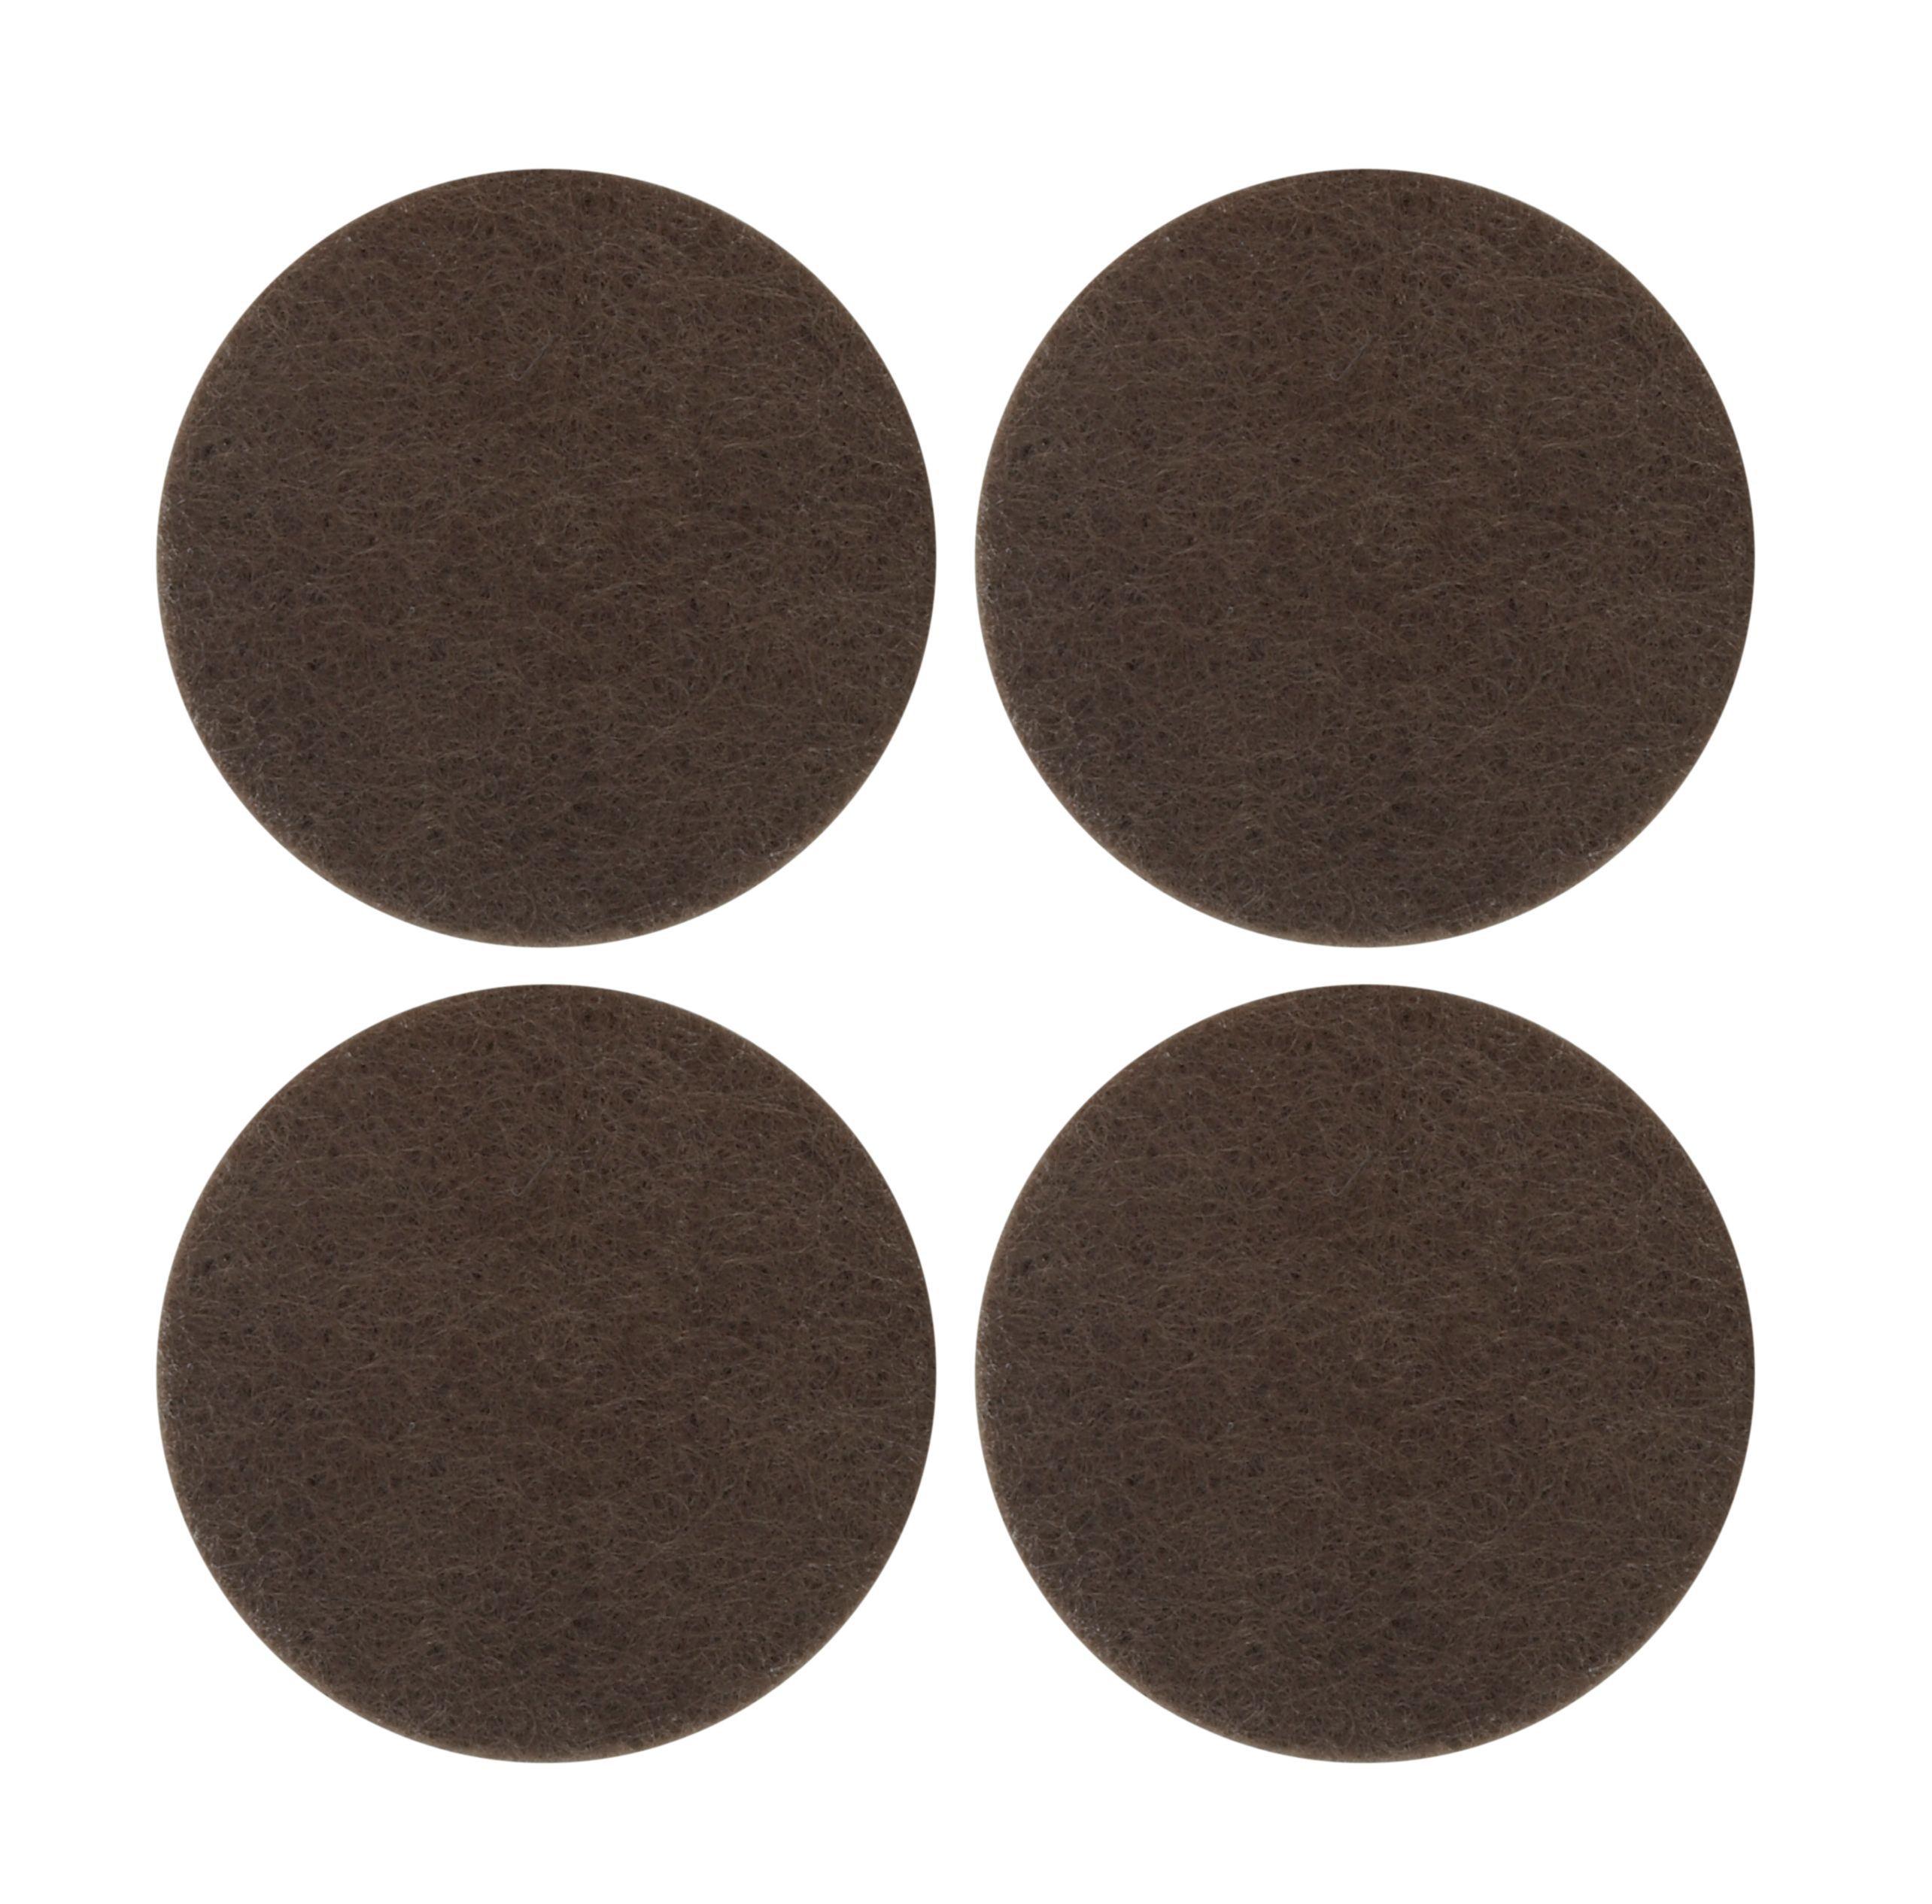 B&Q Brown Felt Self Adhesive Pad Protector Dia 34mm Pack of 4